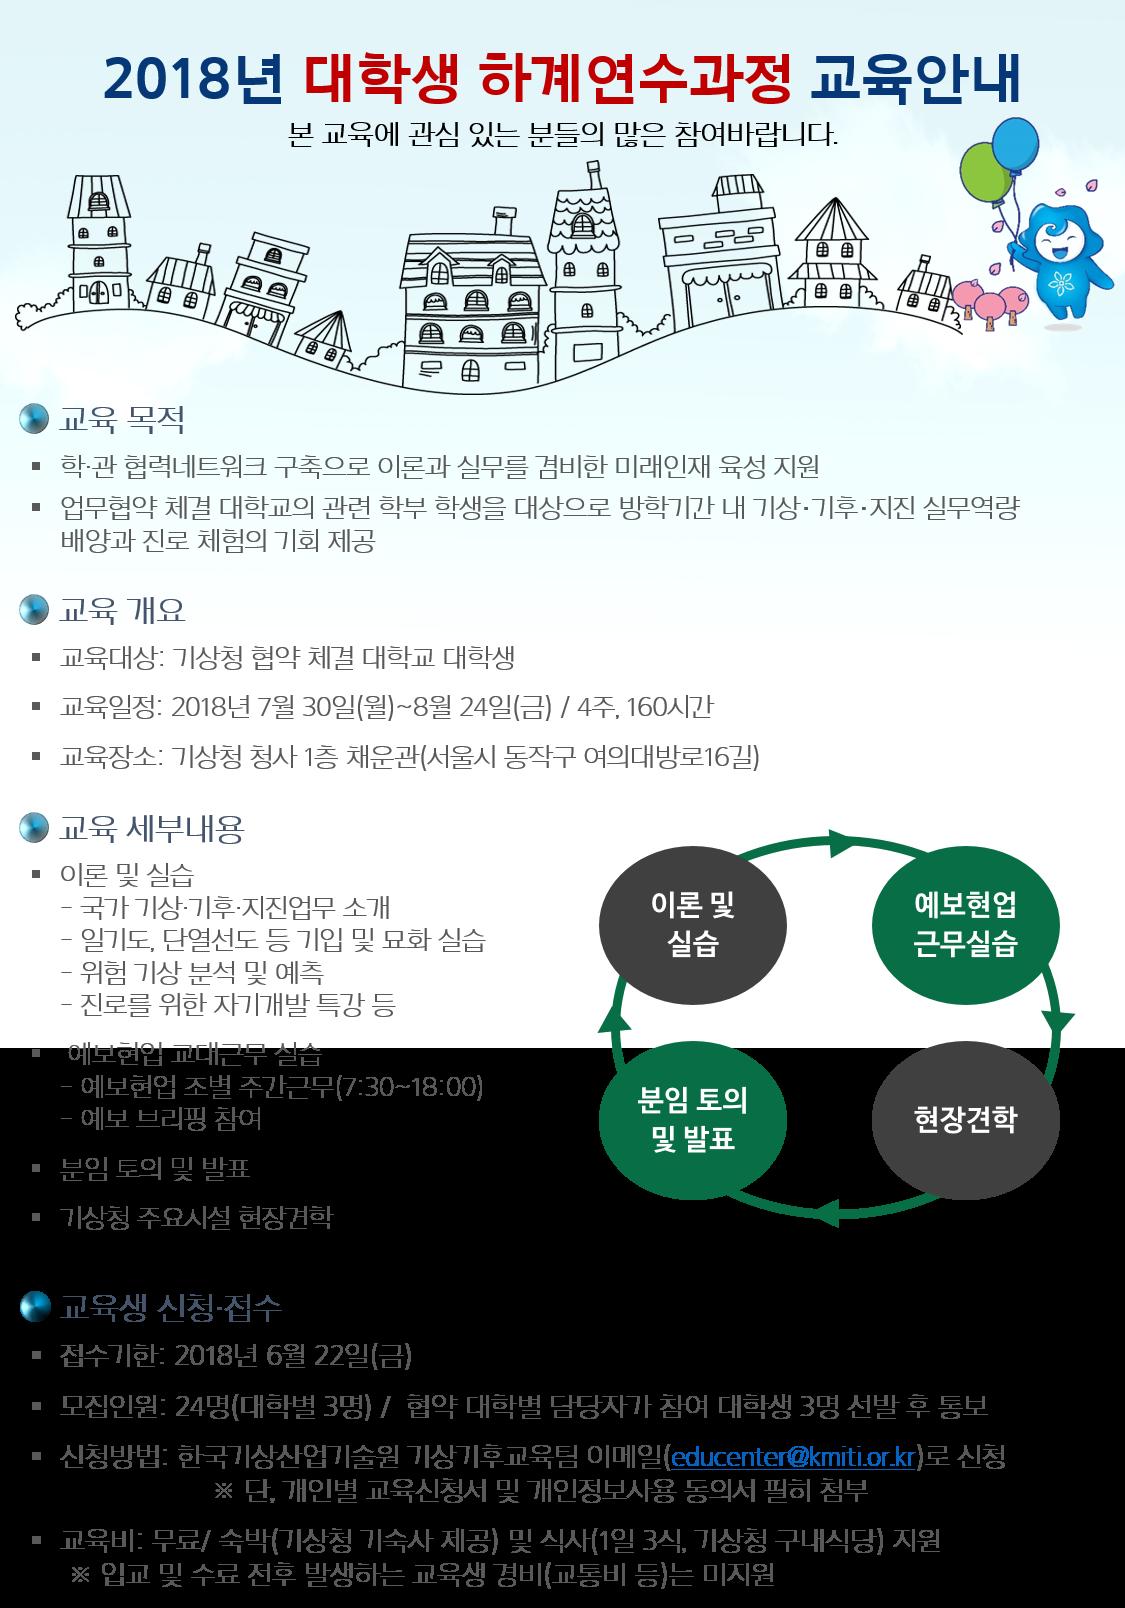 대학생 하계연수과정(7. 30.~8. 24.) 교육안내(포스터).png